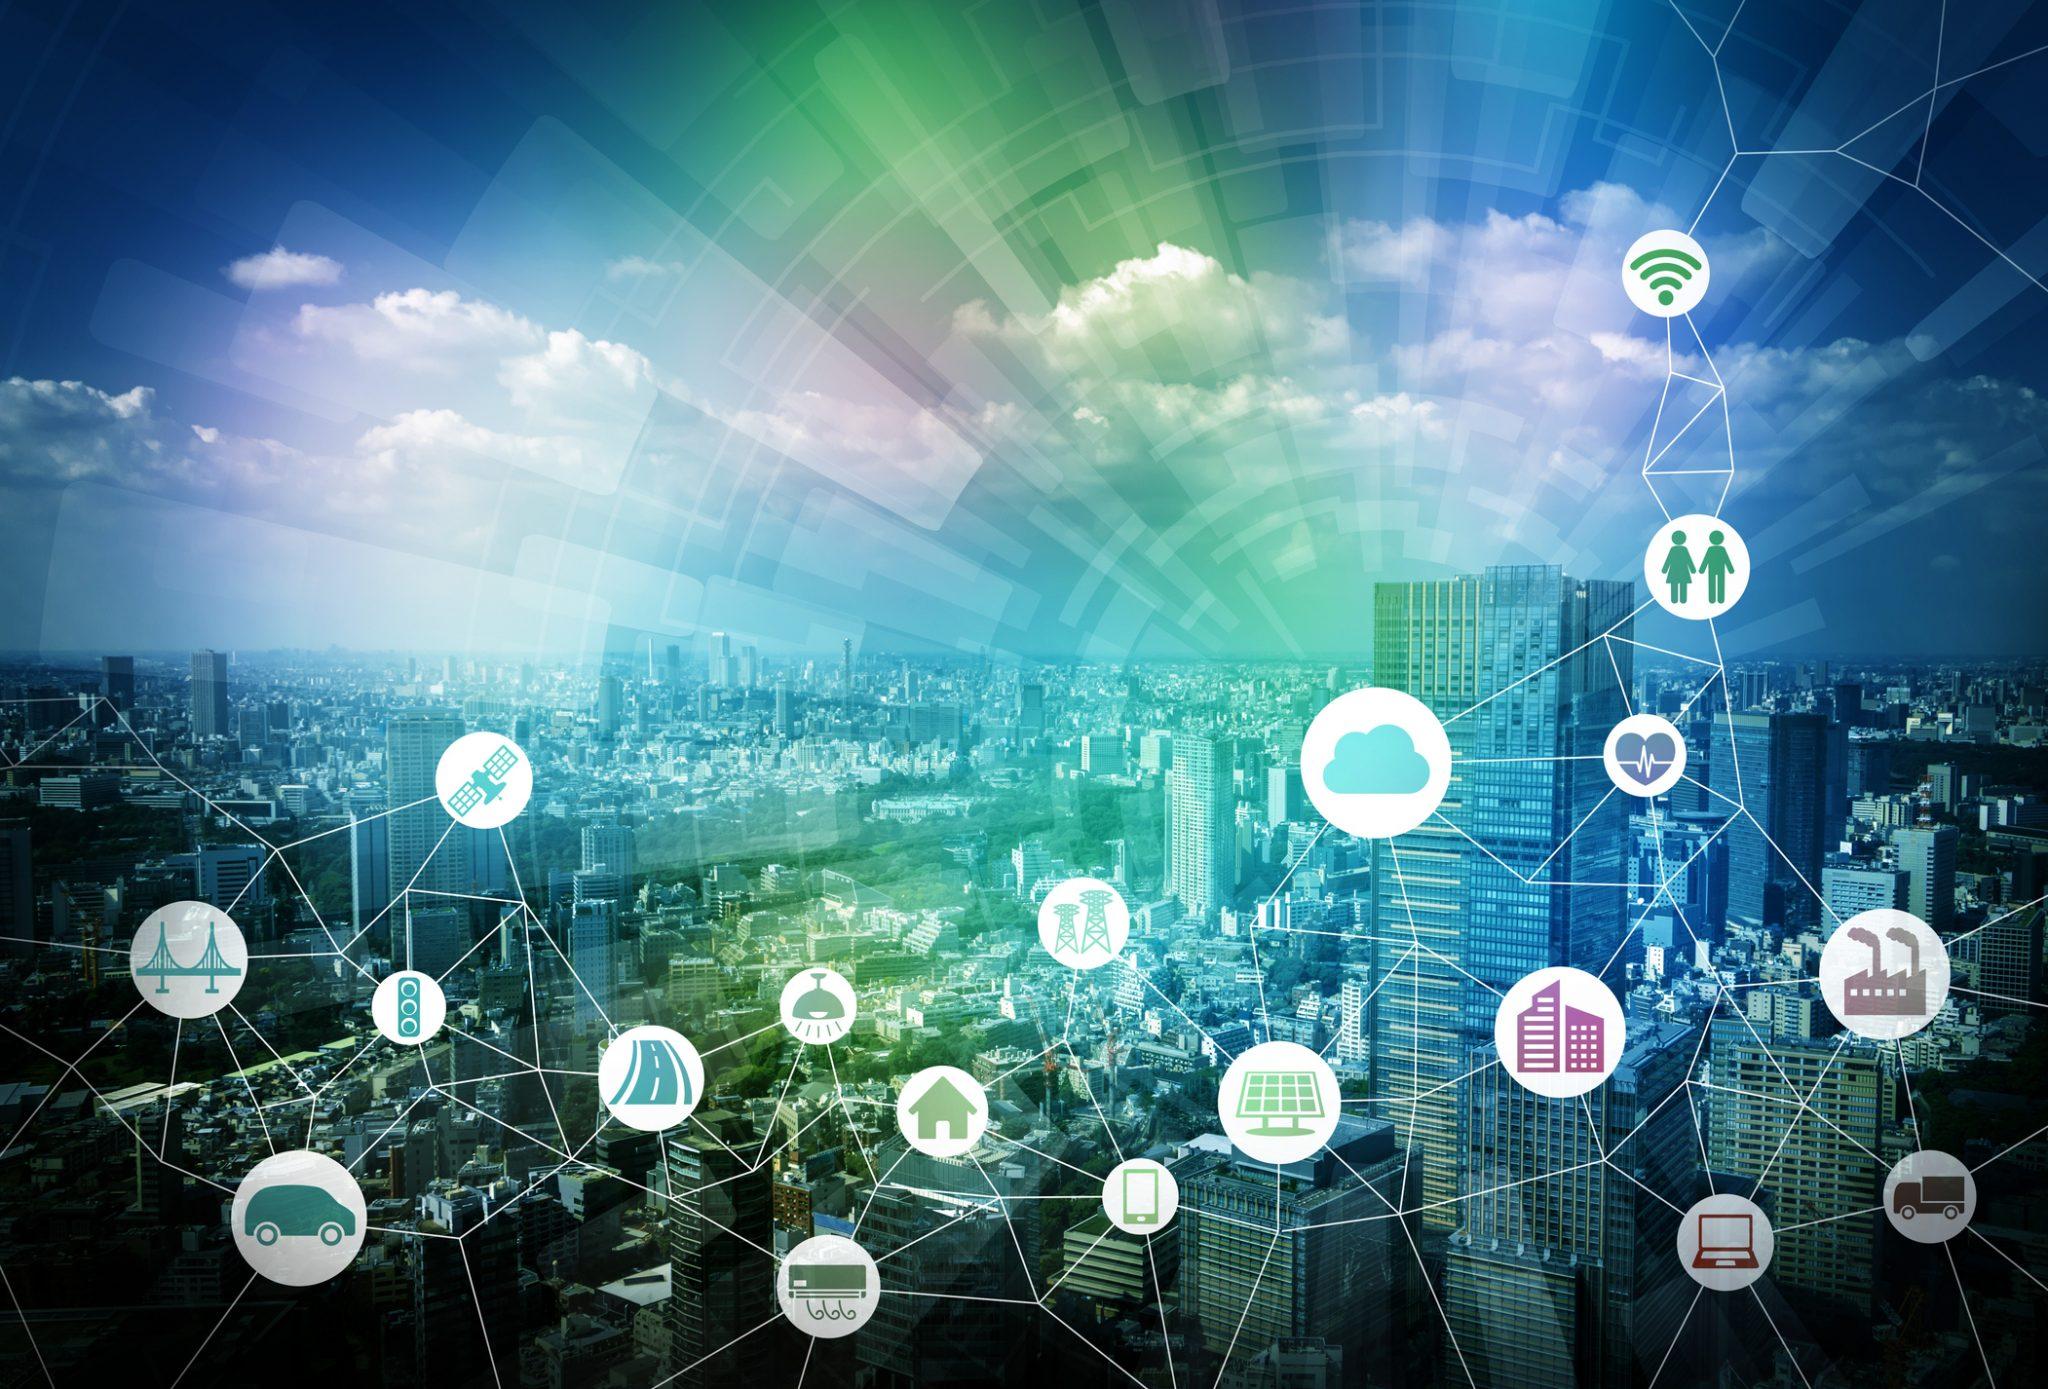 污水项目对工业物联网的需求和技术建设内容有哪些呢?